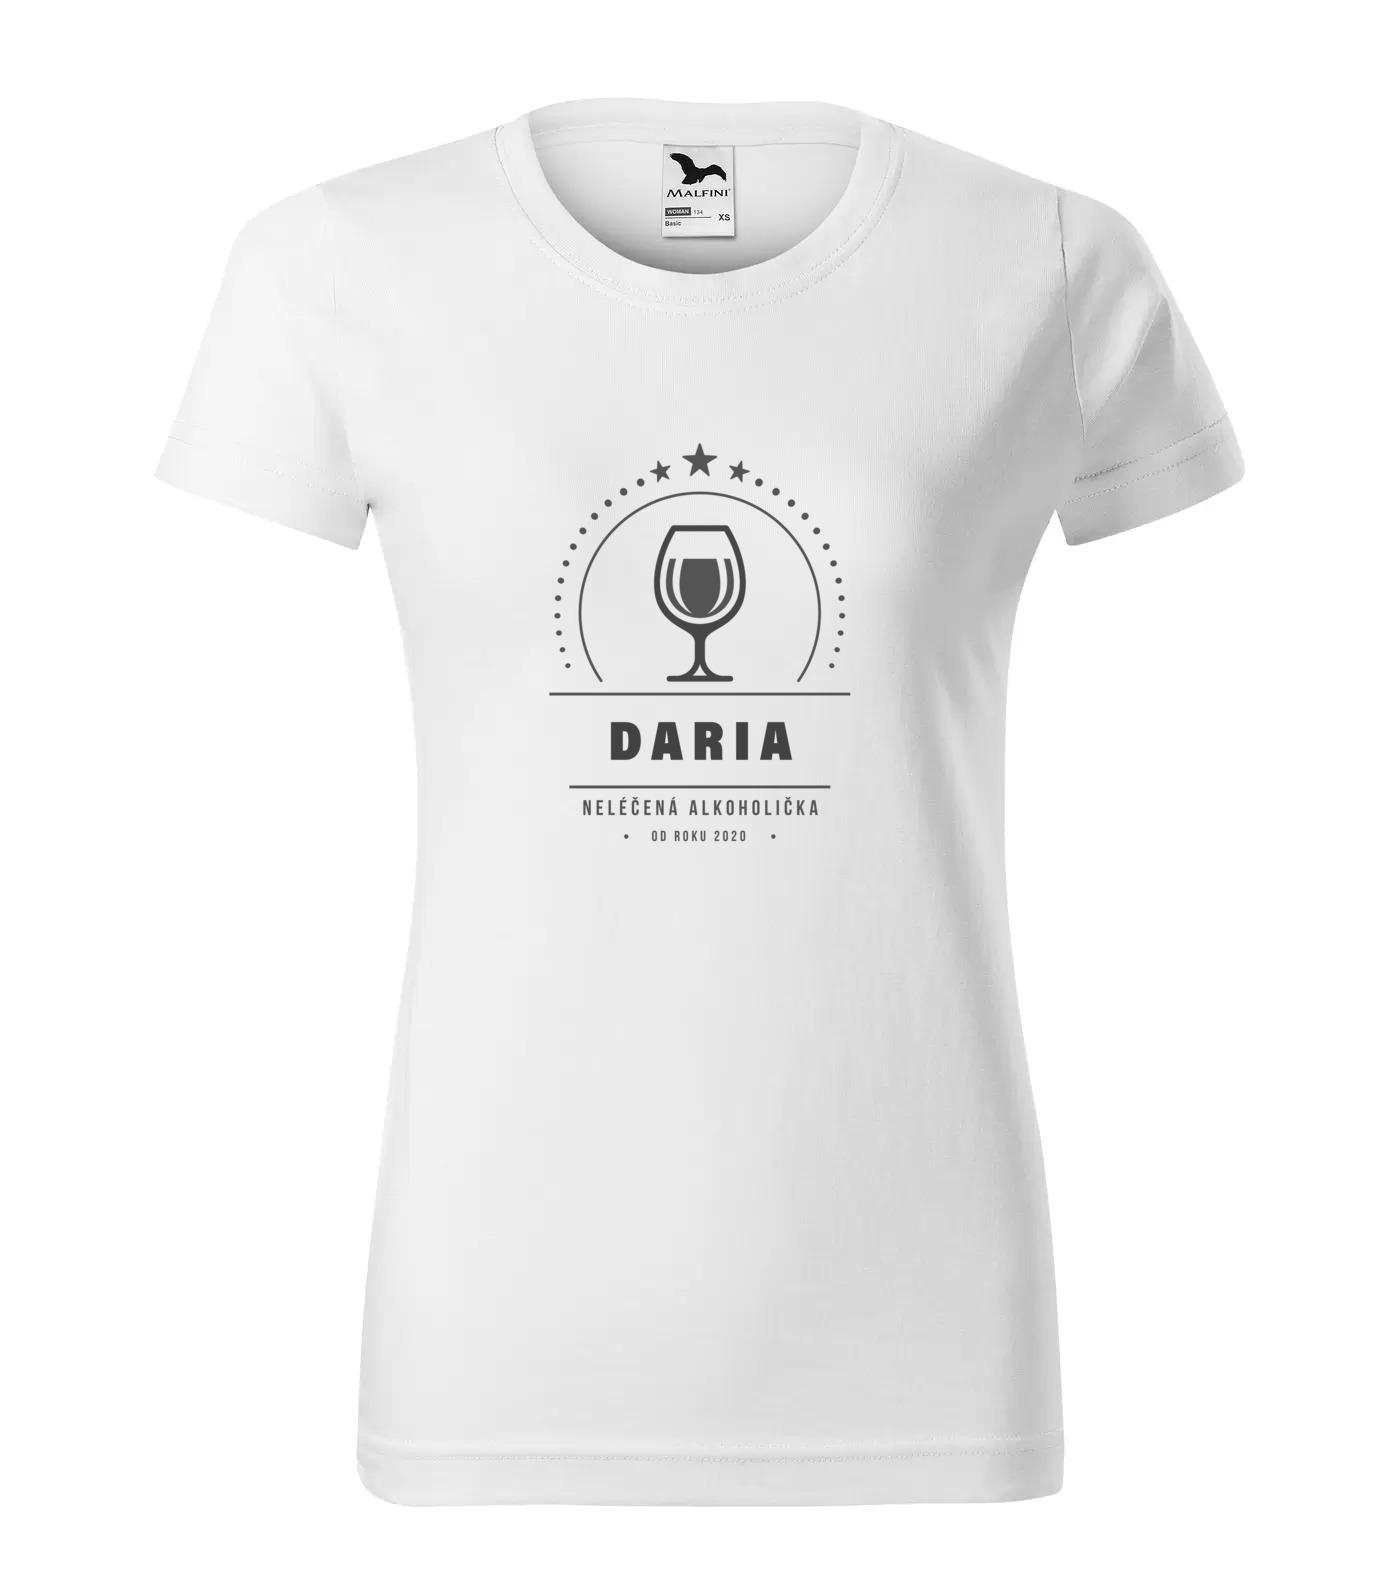 Tričko Alkoholička Daria